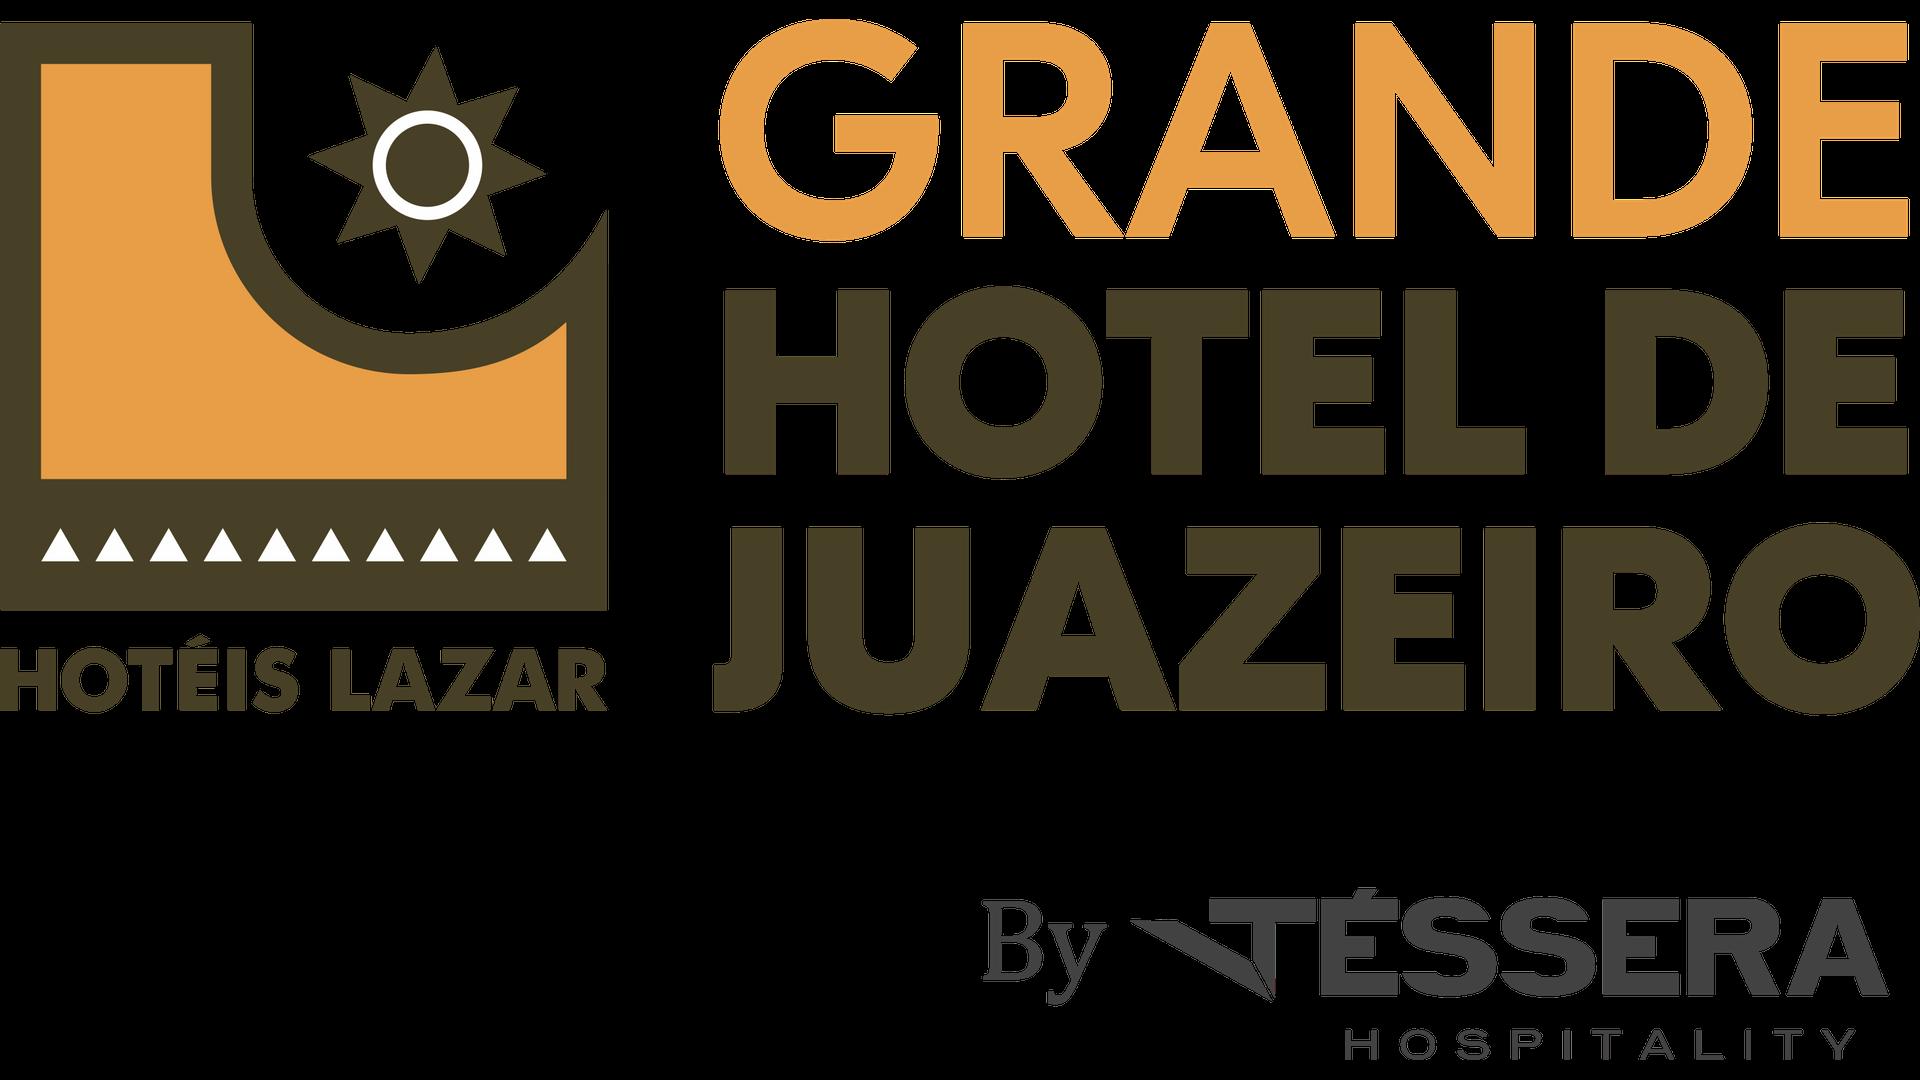 Grande Hotel de Juazeiro